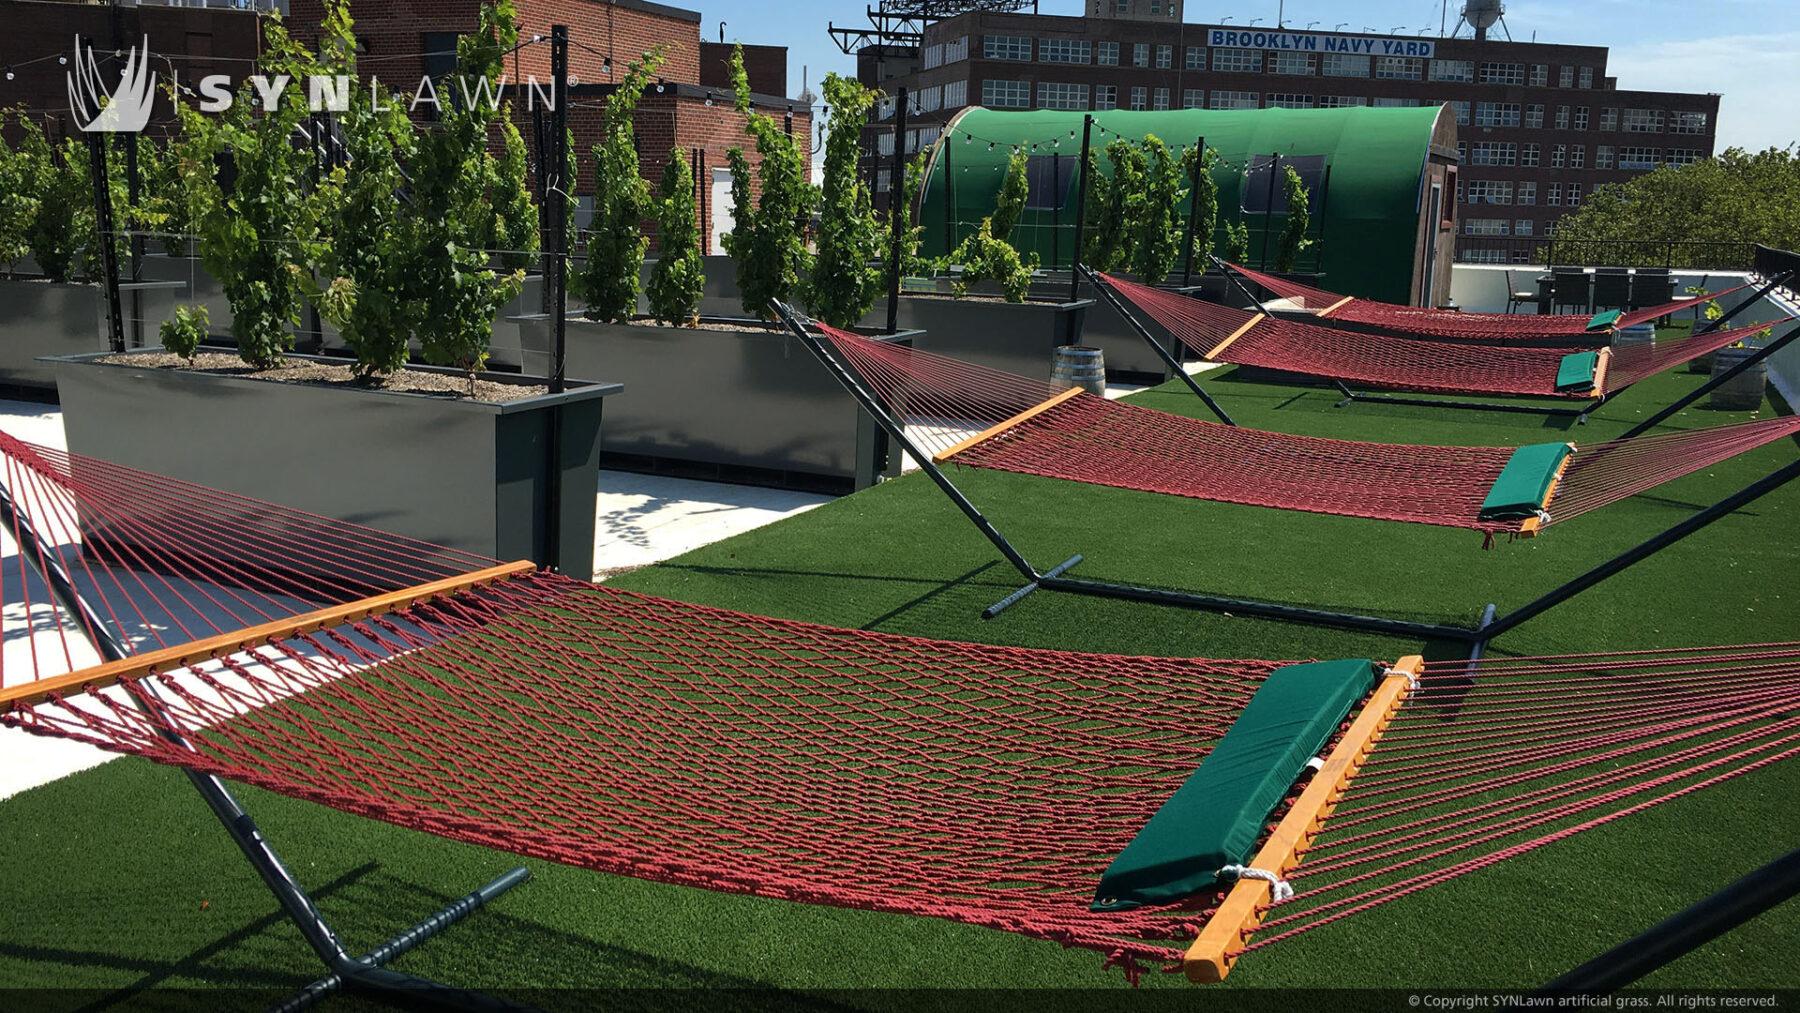 new york rooftop, artificial grass